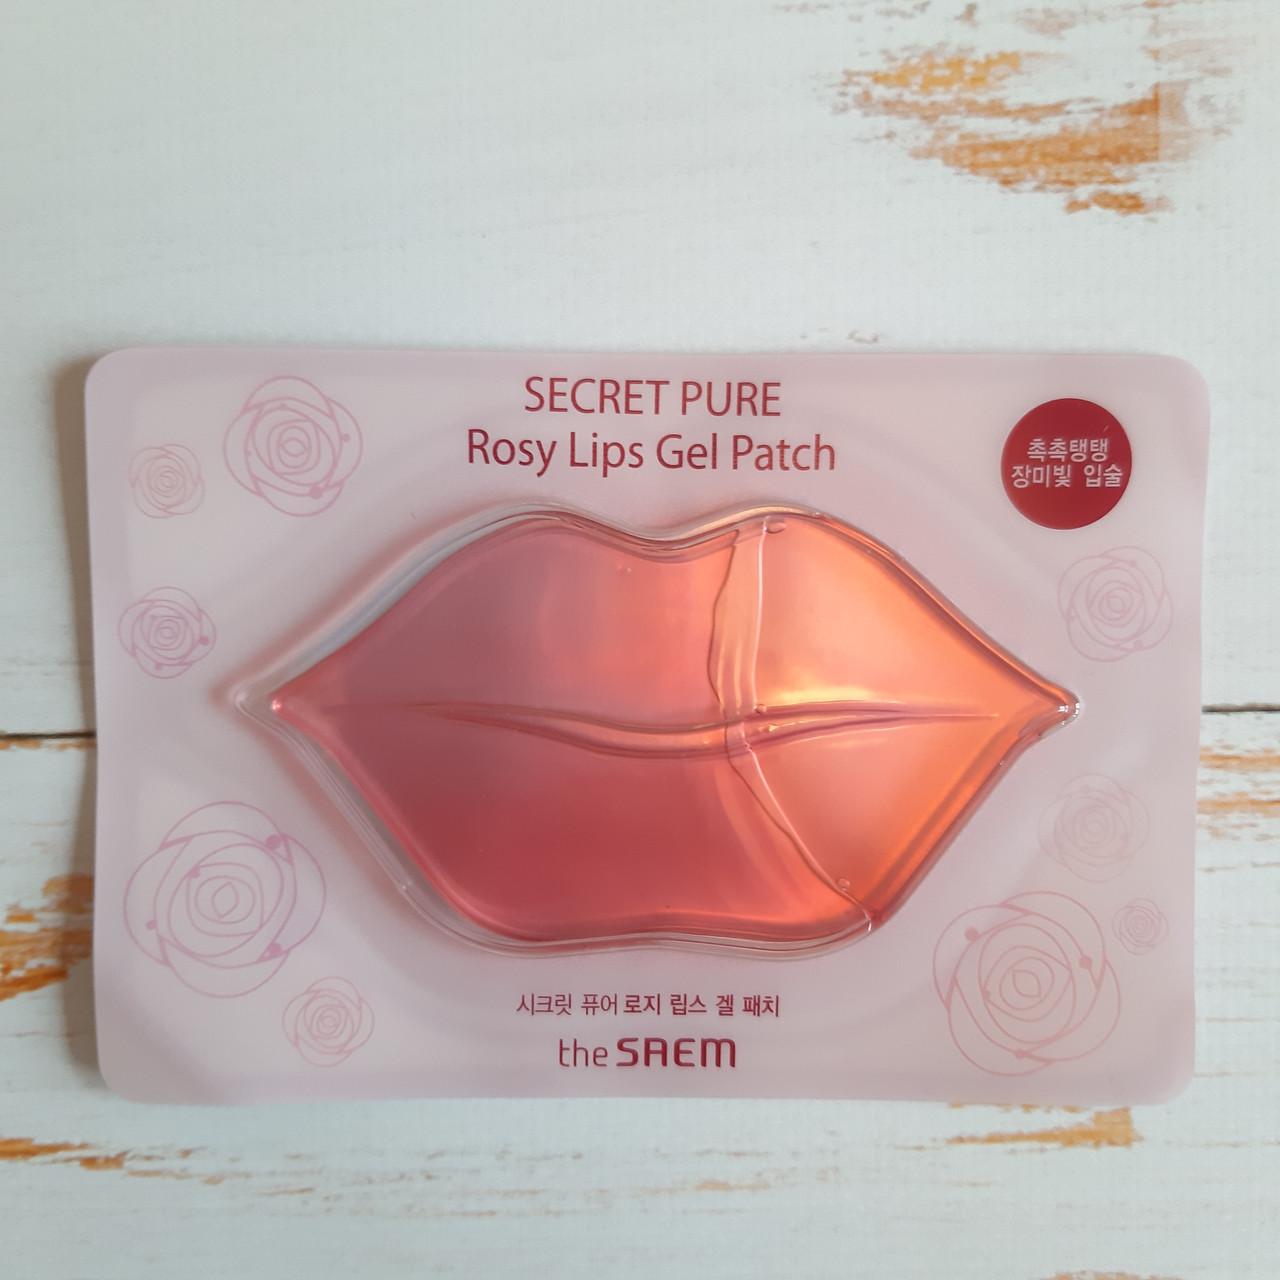 Гидрогелевая маска (патч) для губ THESAEM Secret Pure Rosy Lips Gel Patch